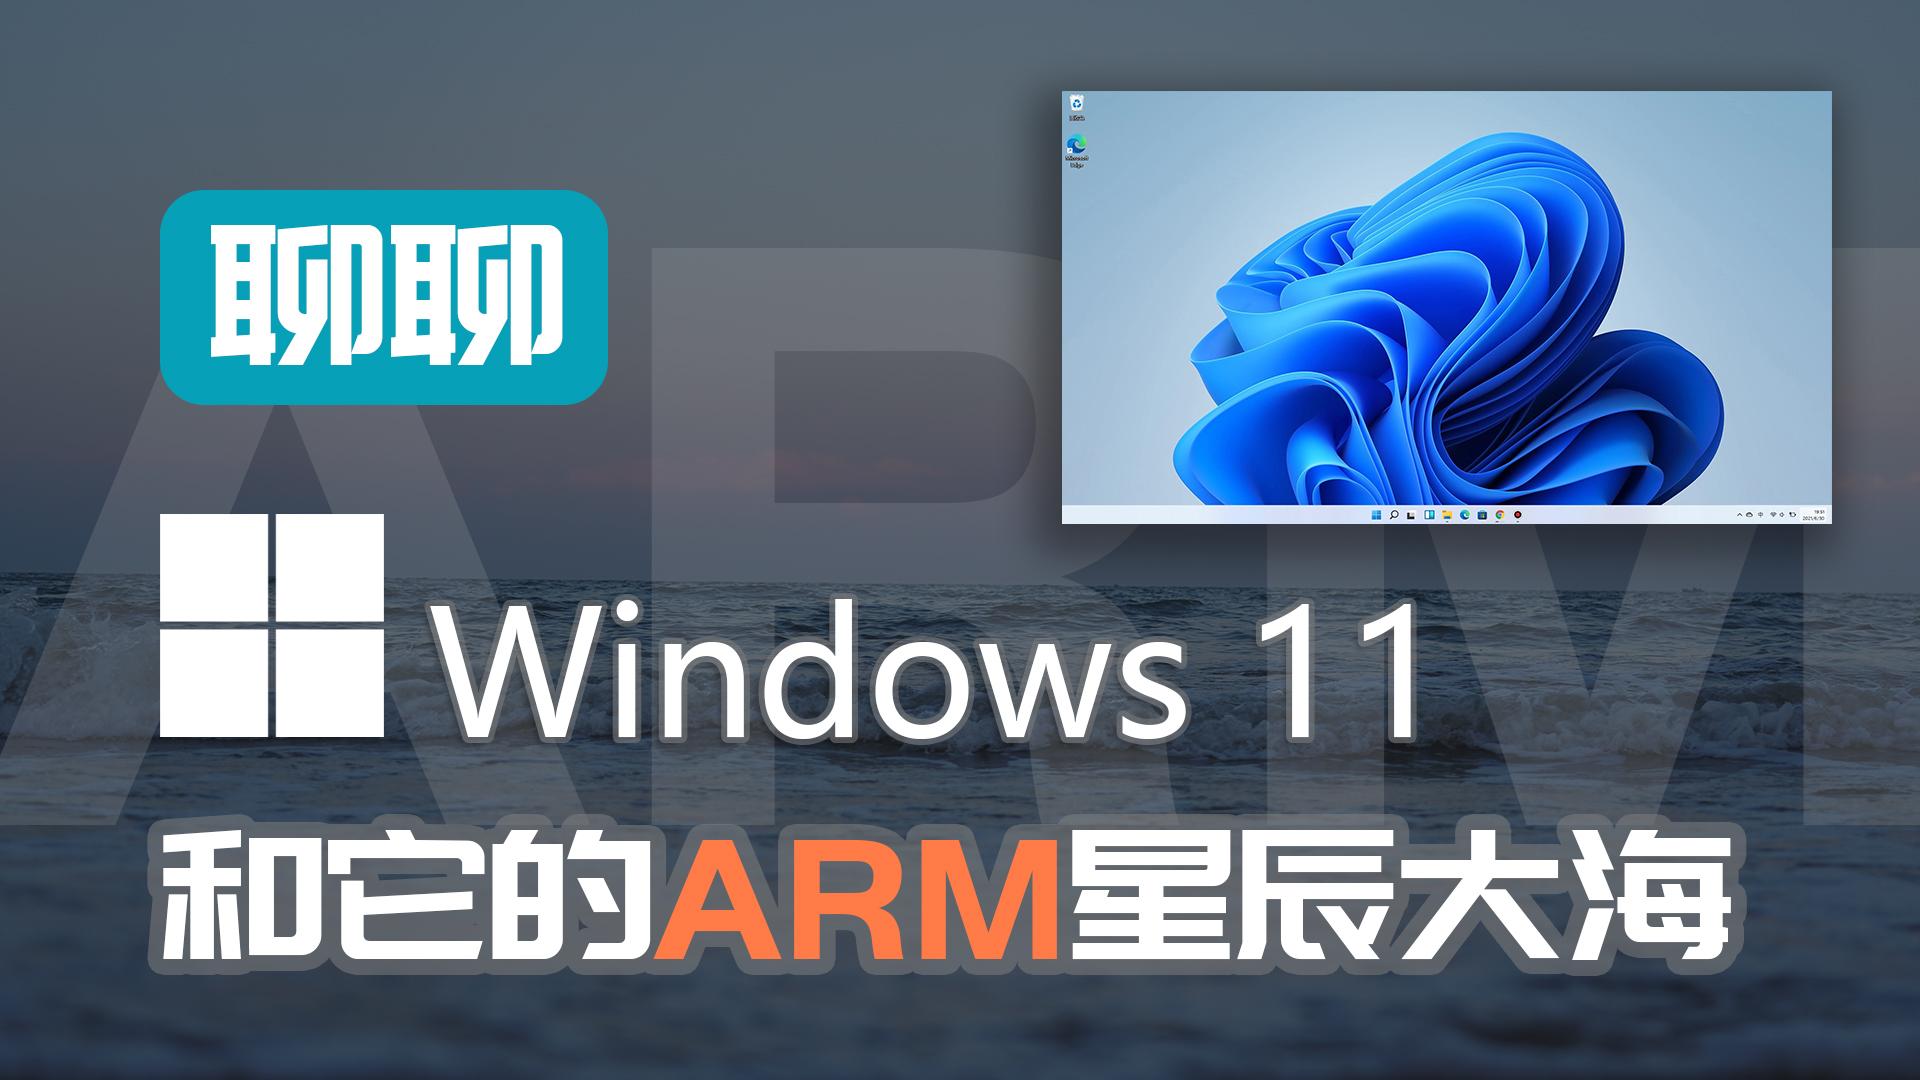 聊聊Windows 11,和它的ARM星辰大海